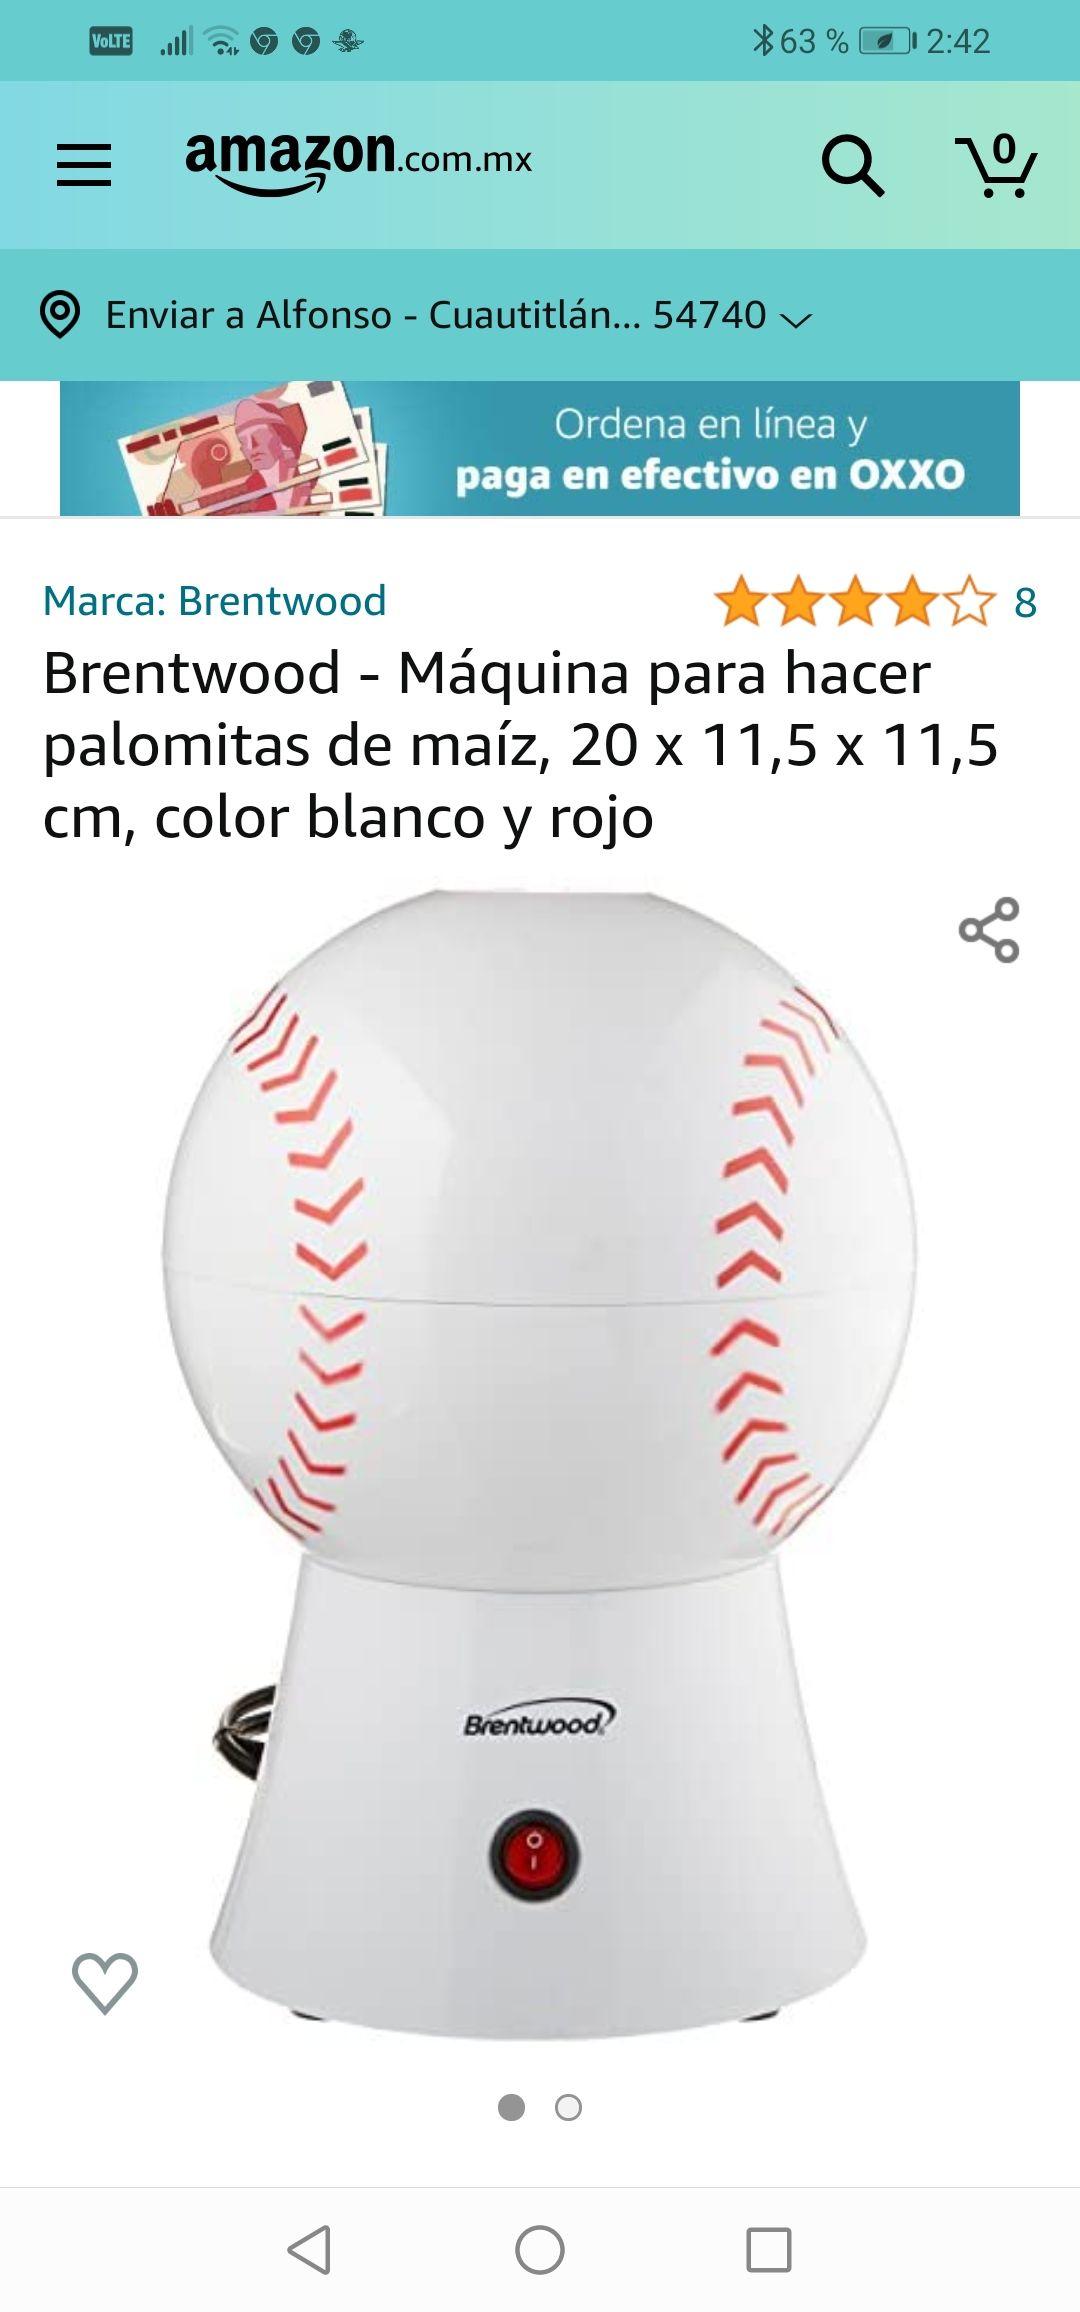 Amazon : Brentwood - Máquina para hacer palomitas de maíz, 20 x 11,5 x 11,5 cm, color blanco y rojo